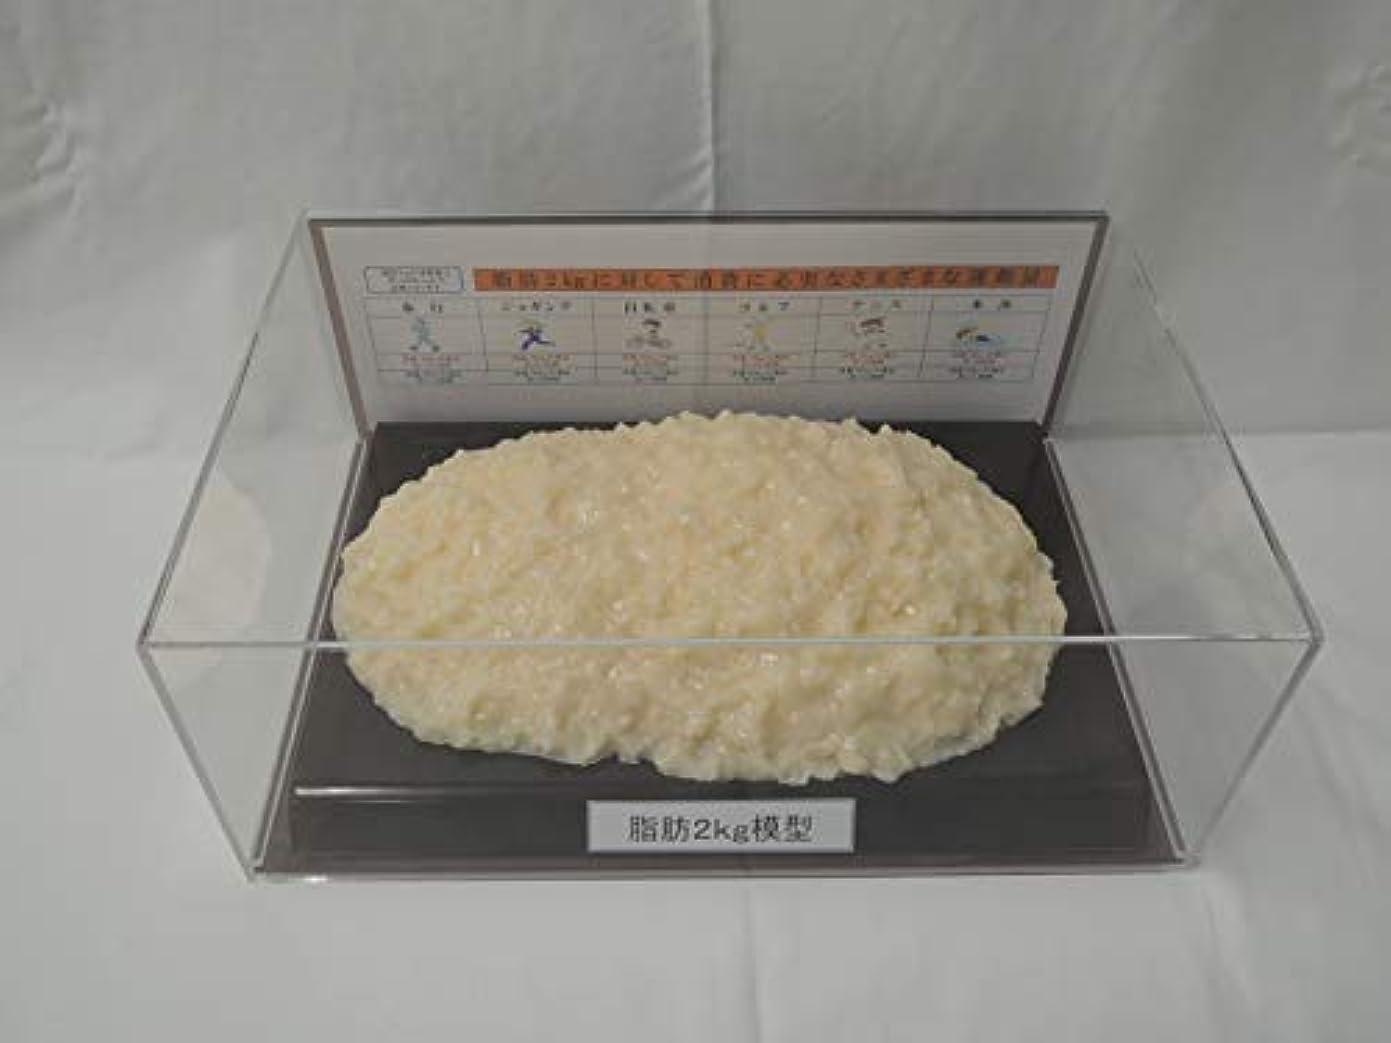 確実違反胸脂肪模型 フィギアケース入 2kg ダイエット 健康 肥満 トレーニング フードモデル 食品サンプル